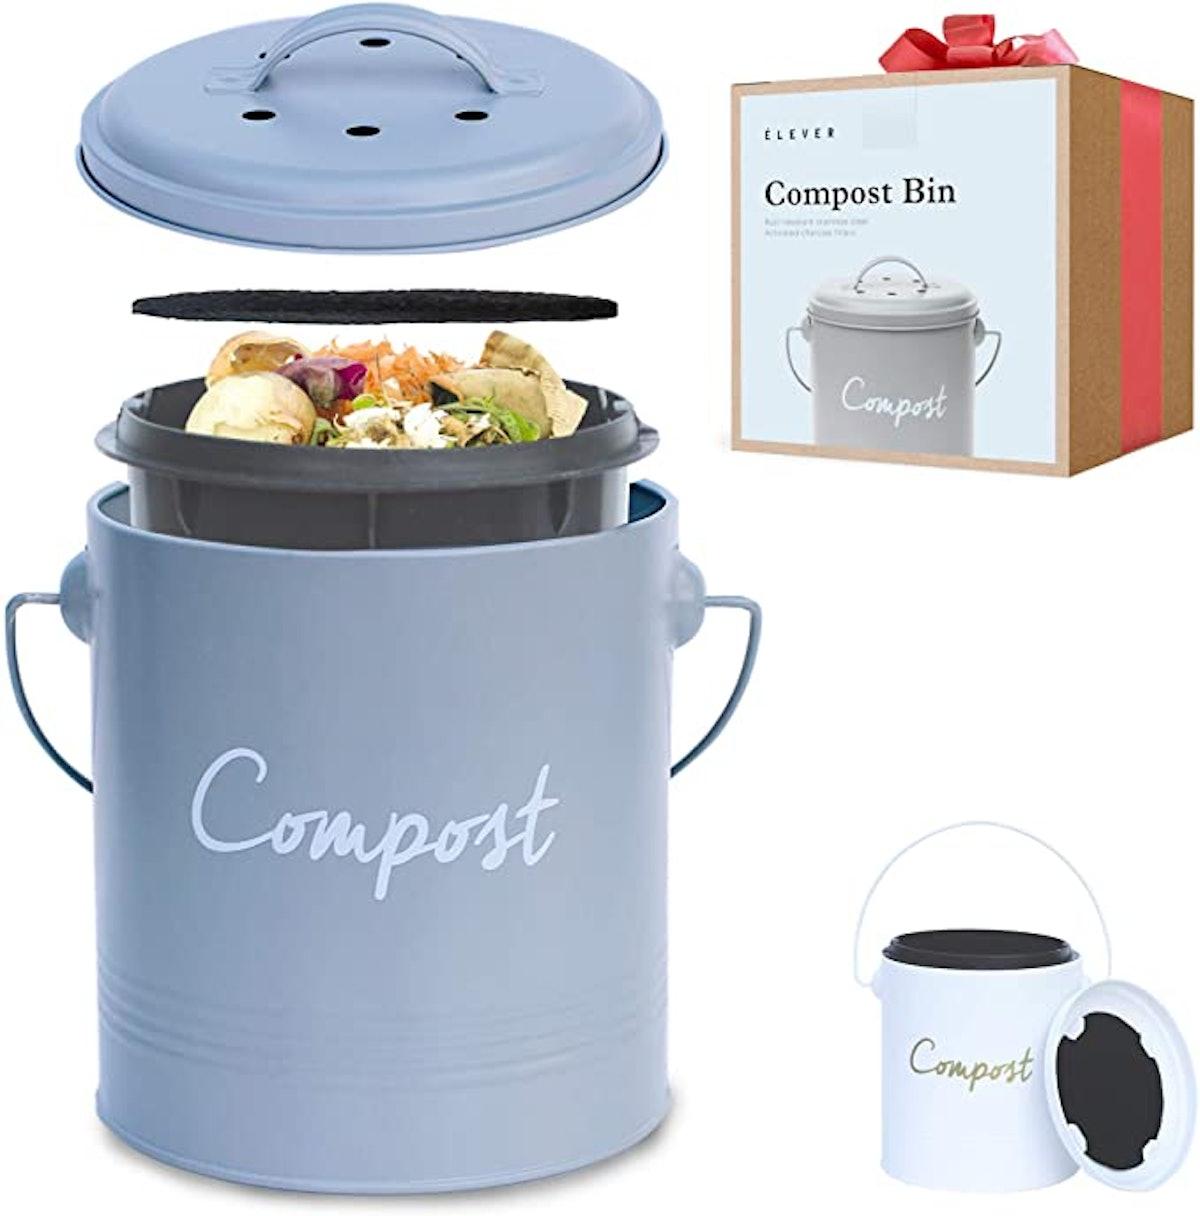 Elever Stainless Steel Indoor Compost Bin